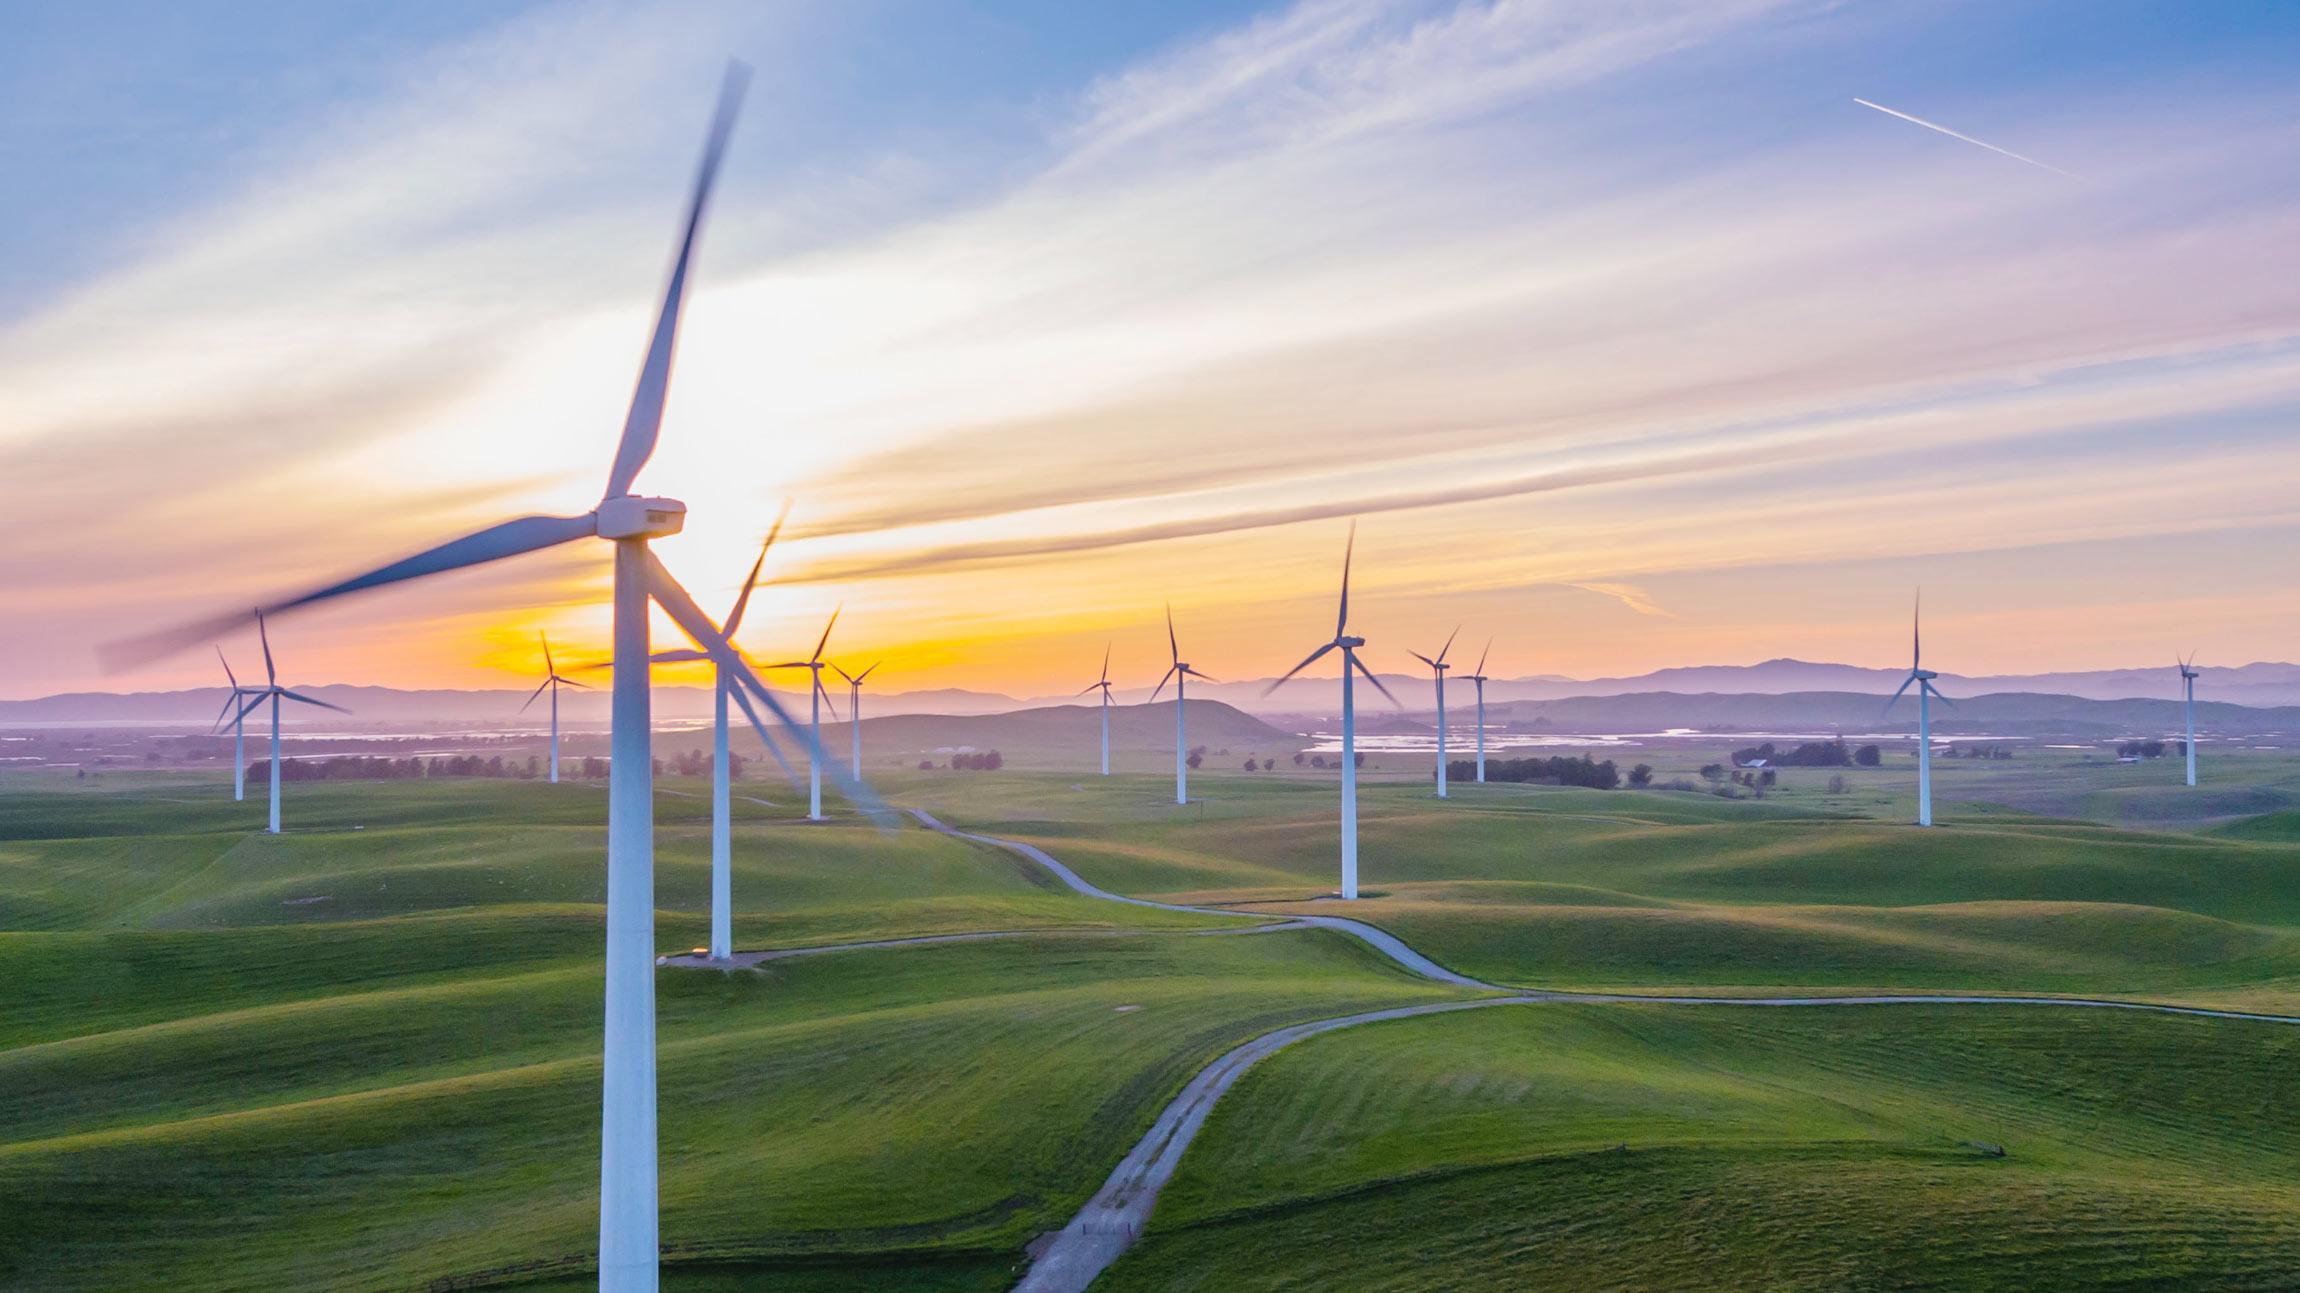 Voimansiirtoverkkojen, sähköasemien ja tuulivoimapuistojen suunnittelu, rakentaminen ja kunnossapito